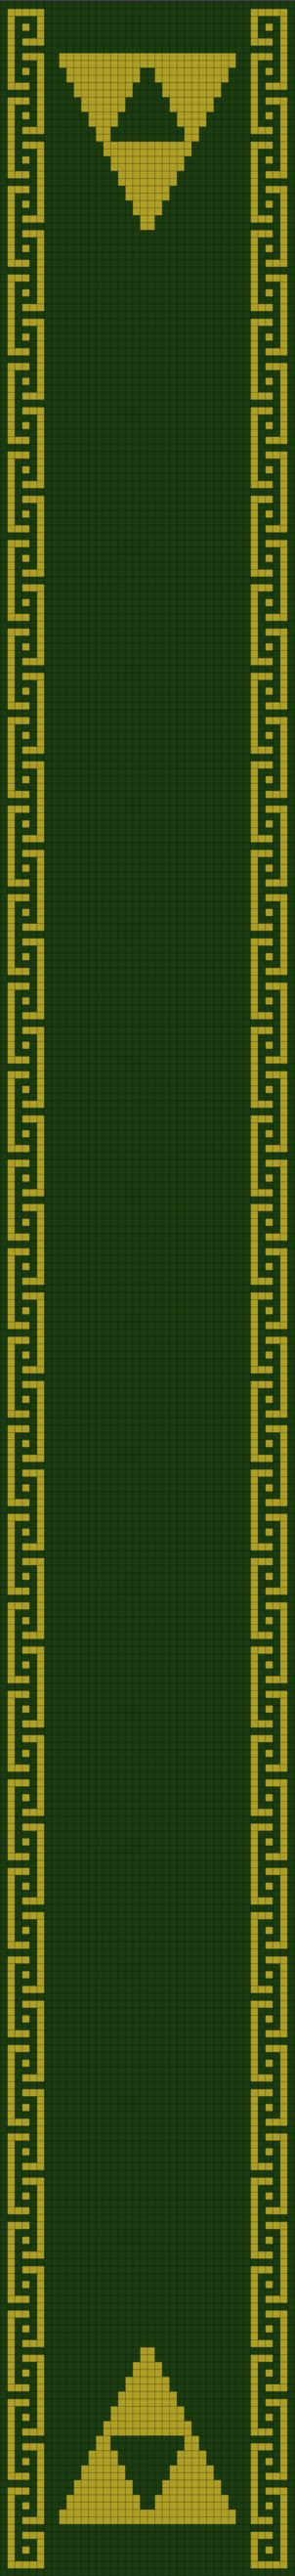 Legend of Zelda Scarf Pattern (double knitting) by Yodaman921